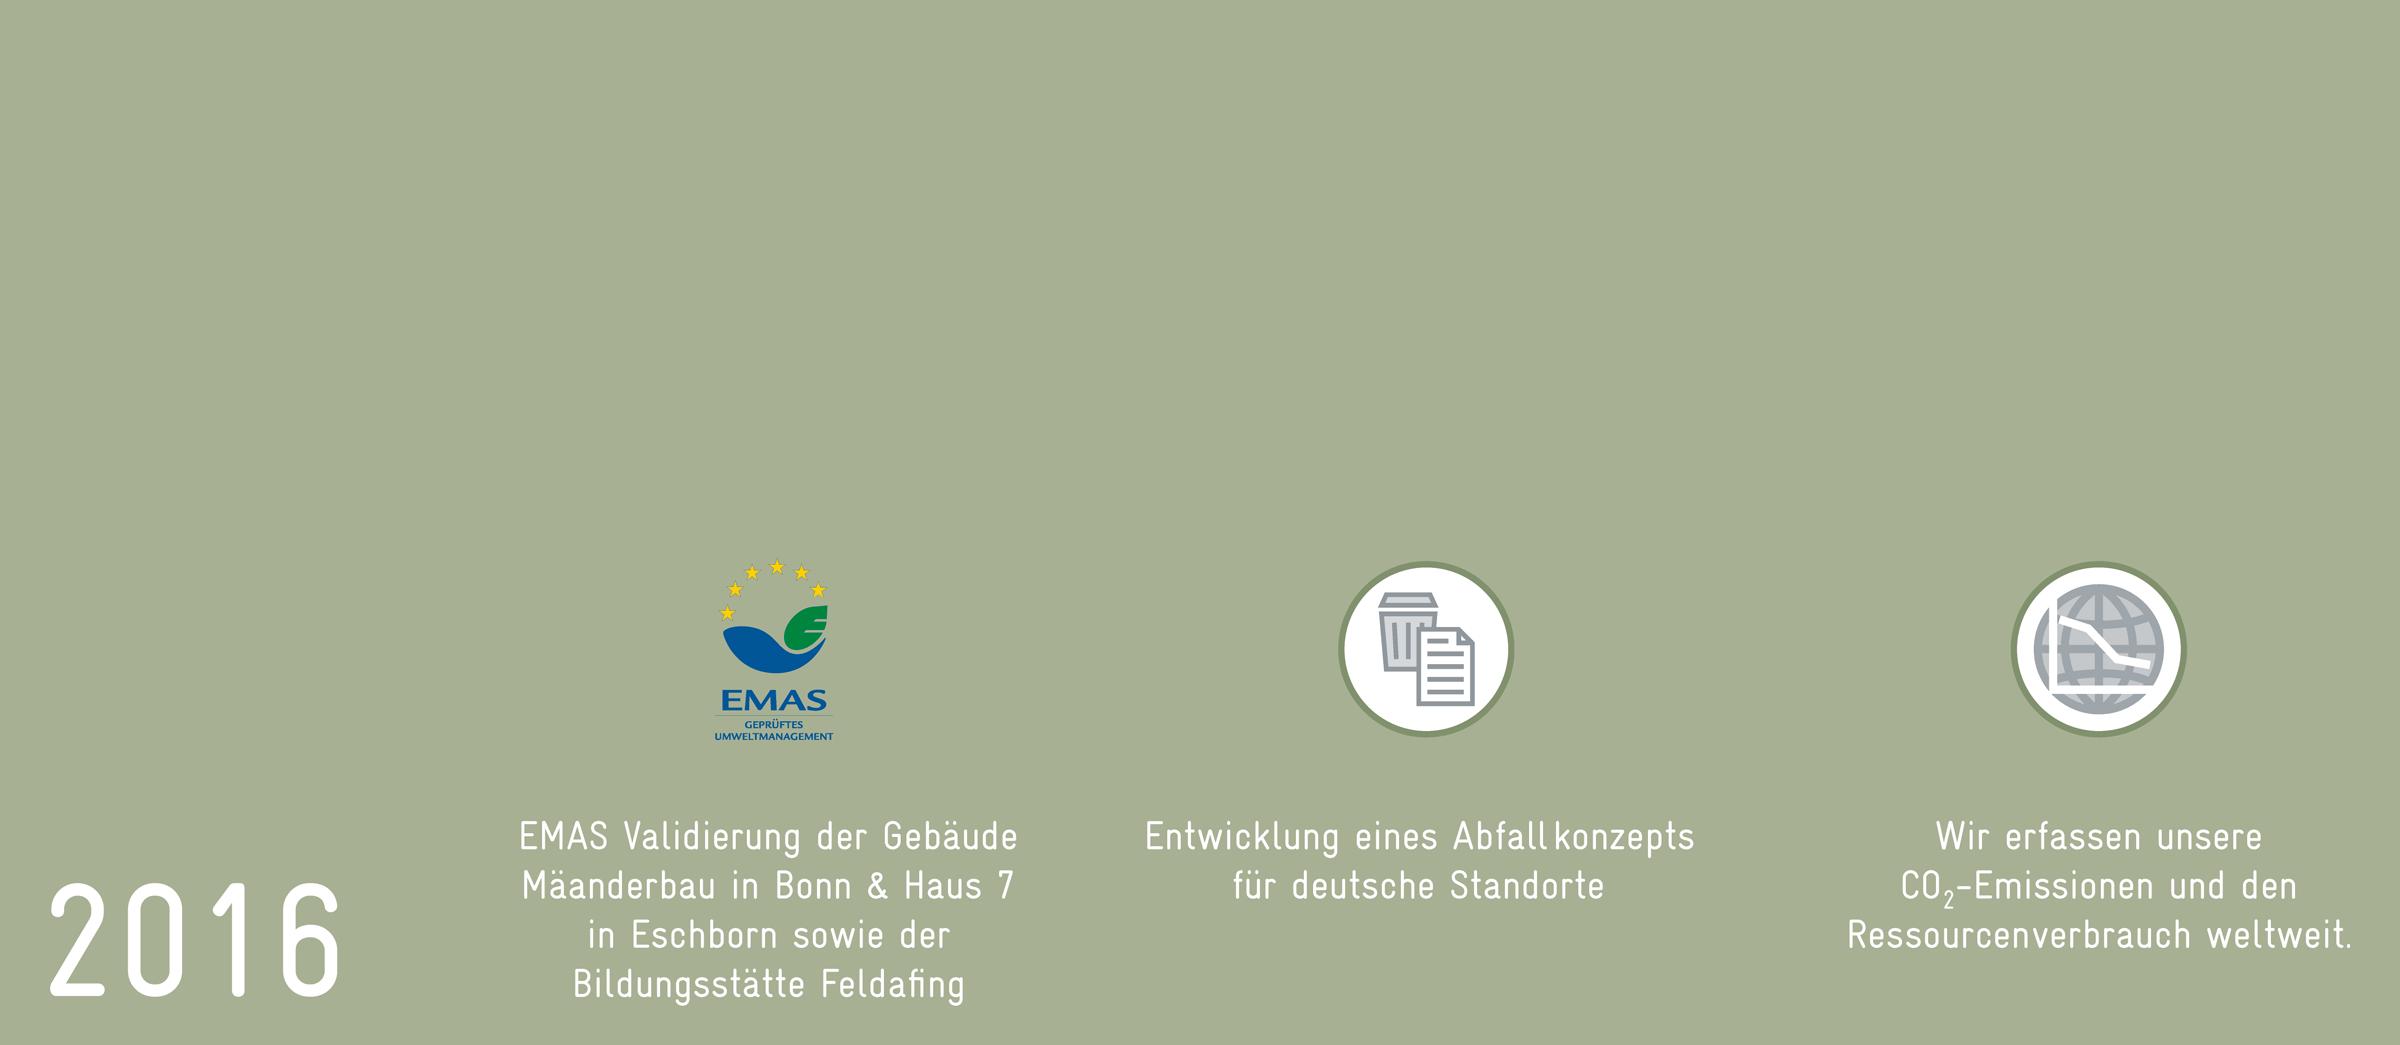 2016: EMAS Validierung von Gebäuden, Entwicklung Abfallkonzept, Erfassung CO2-Emissionen und Ressourcenverbrauch